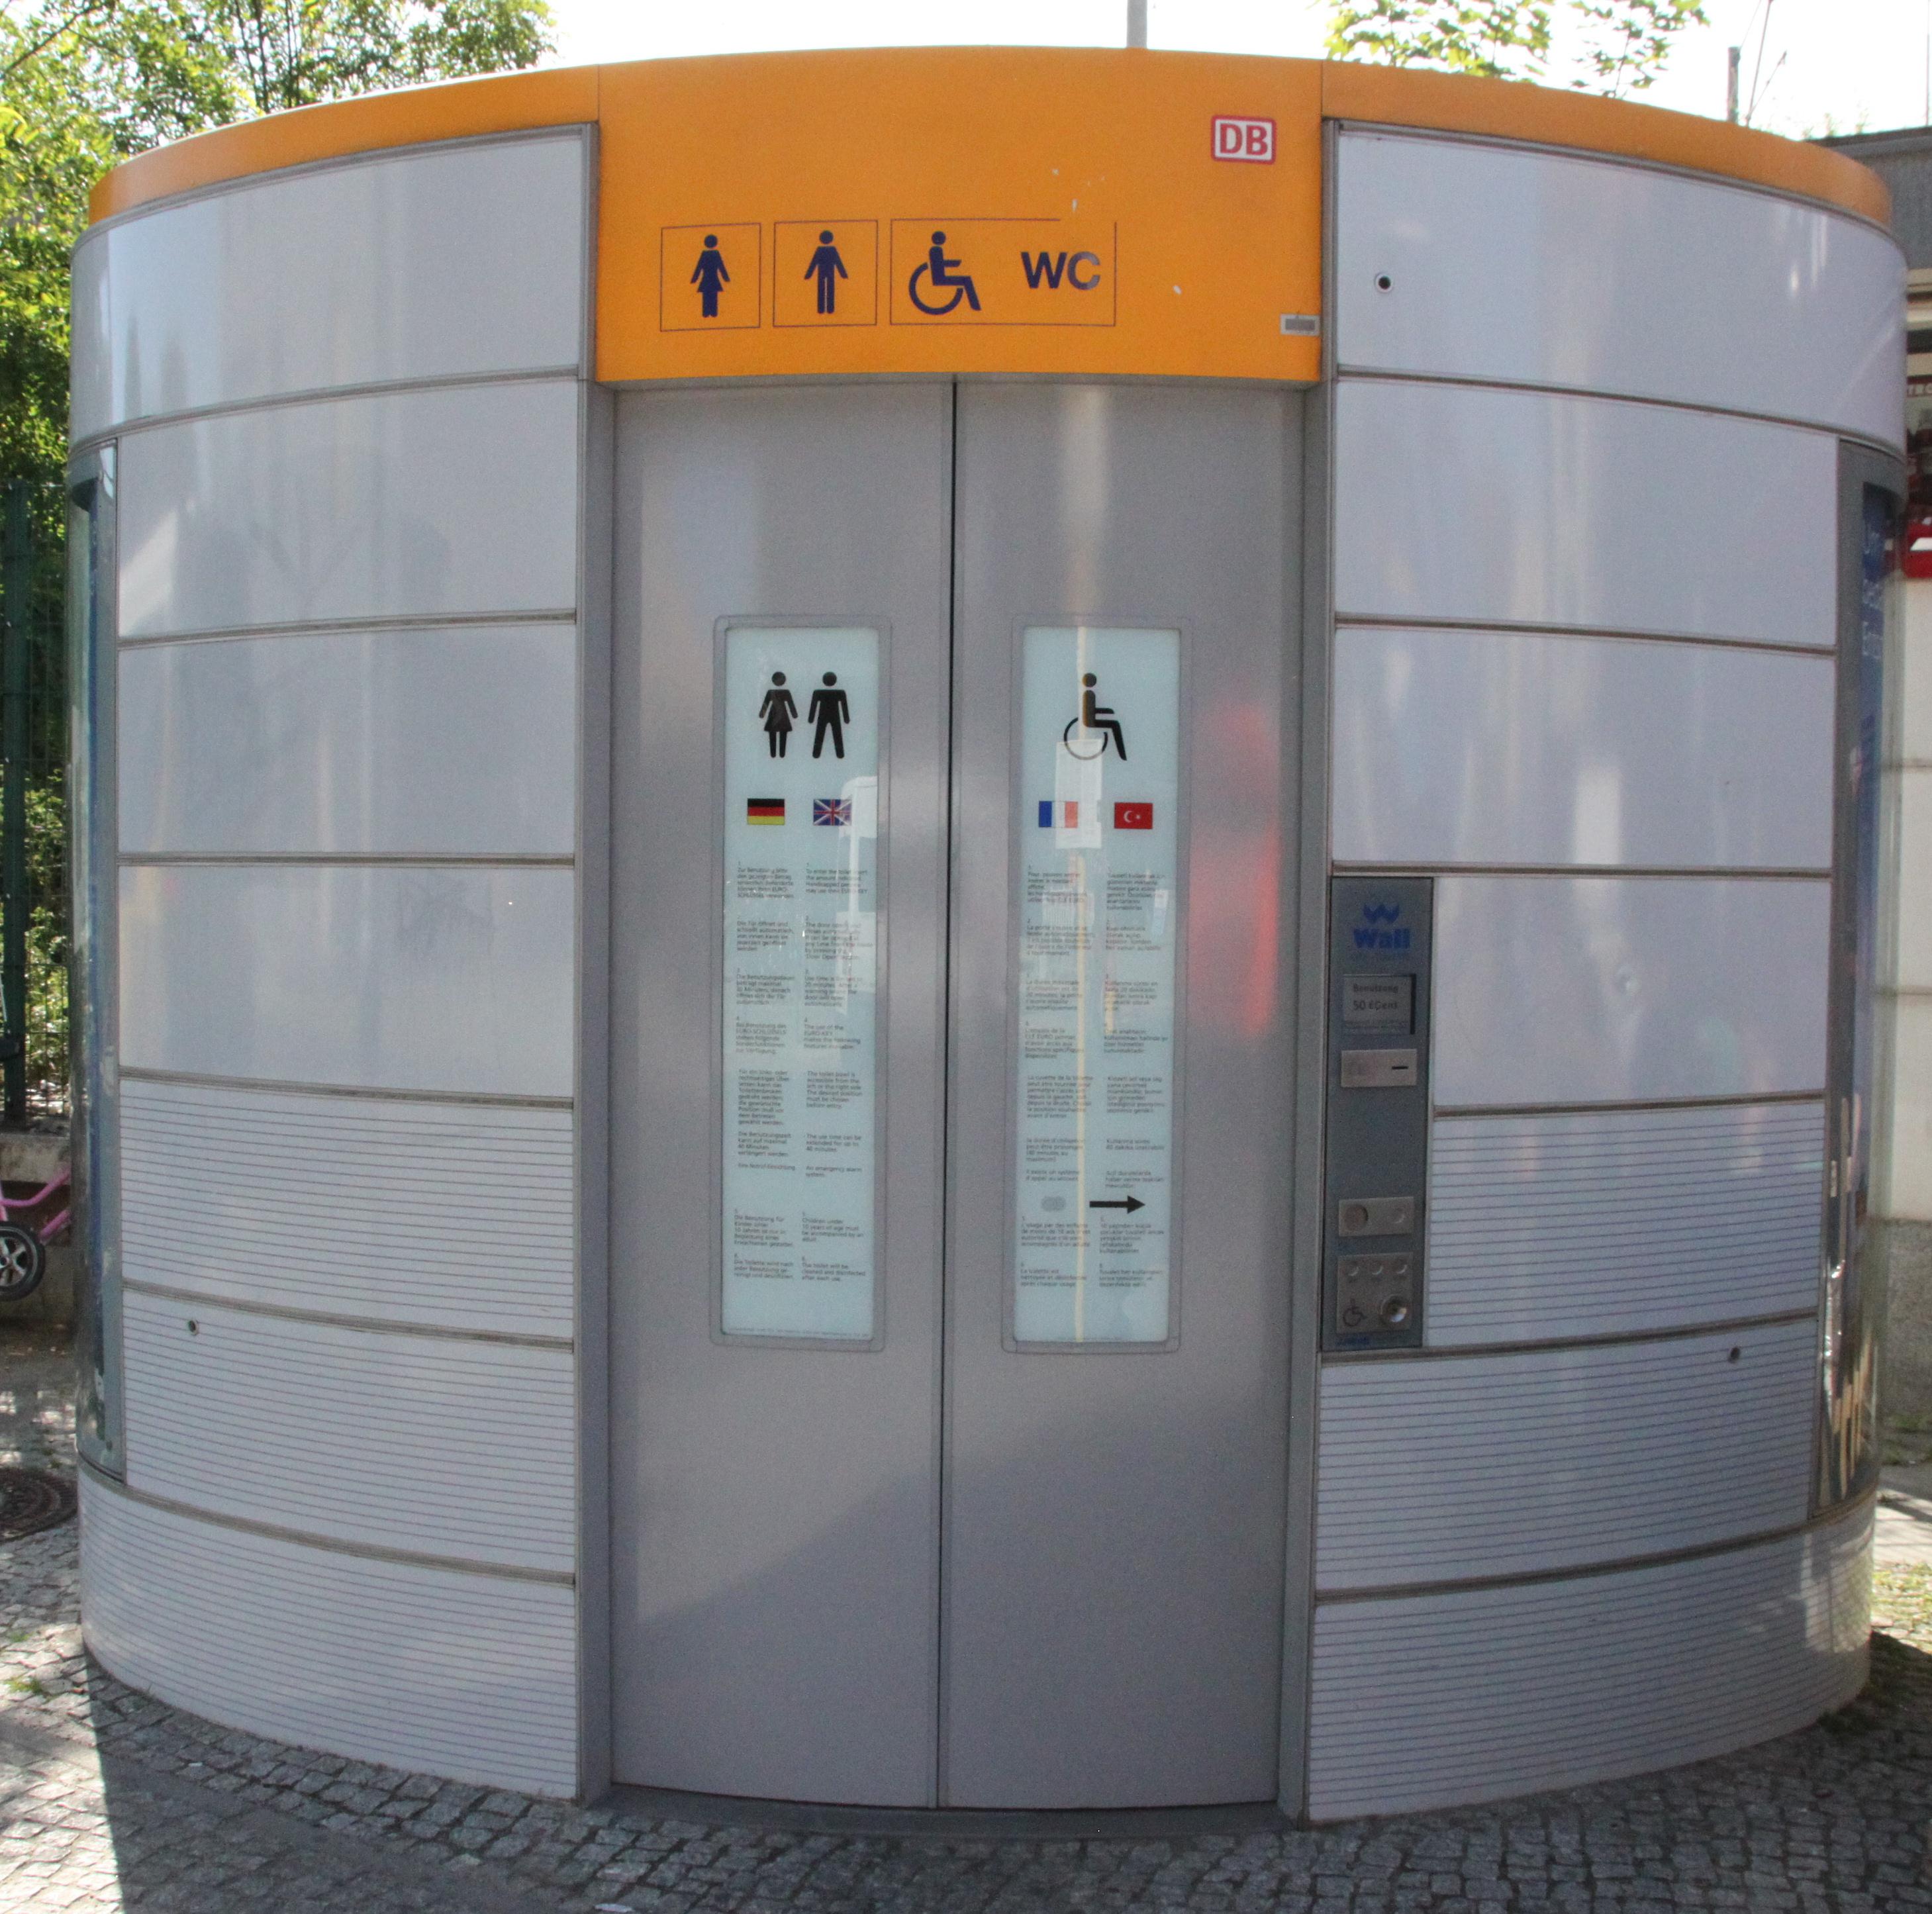 Weiterbetrieb Der City Toiletten Bis Zum Aufbau Neuer Und Moderner